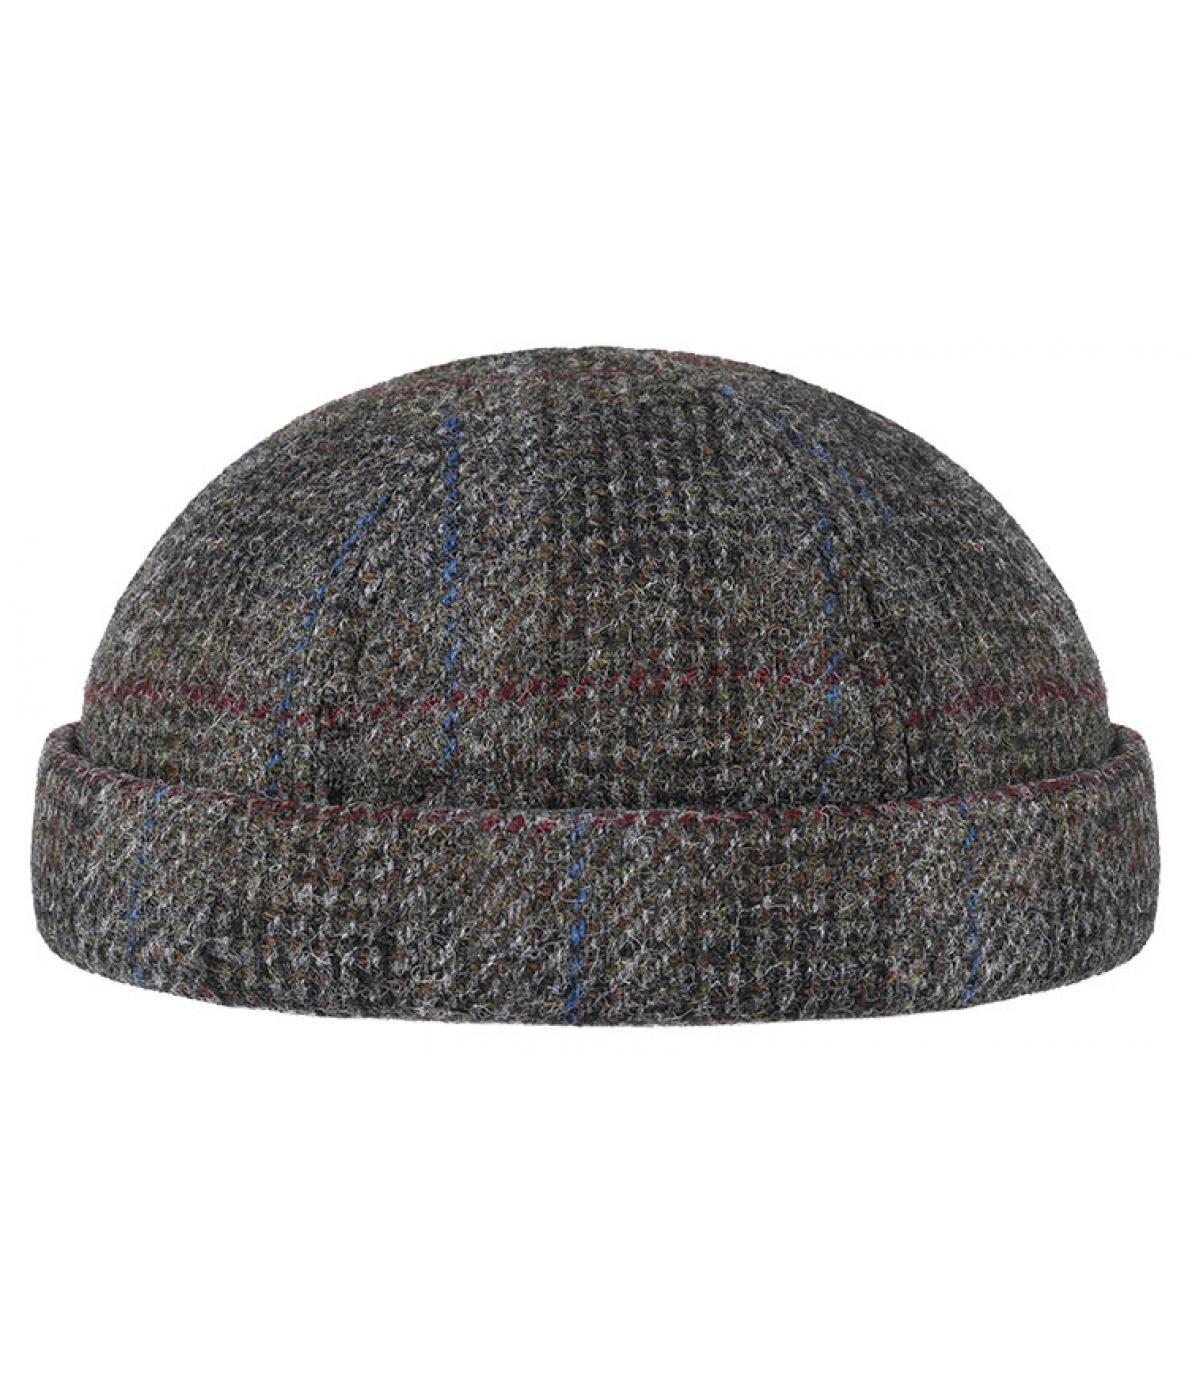 Detalles Docker Harris Tweed Virgin Wool grey imagen 2